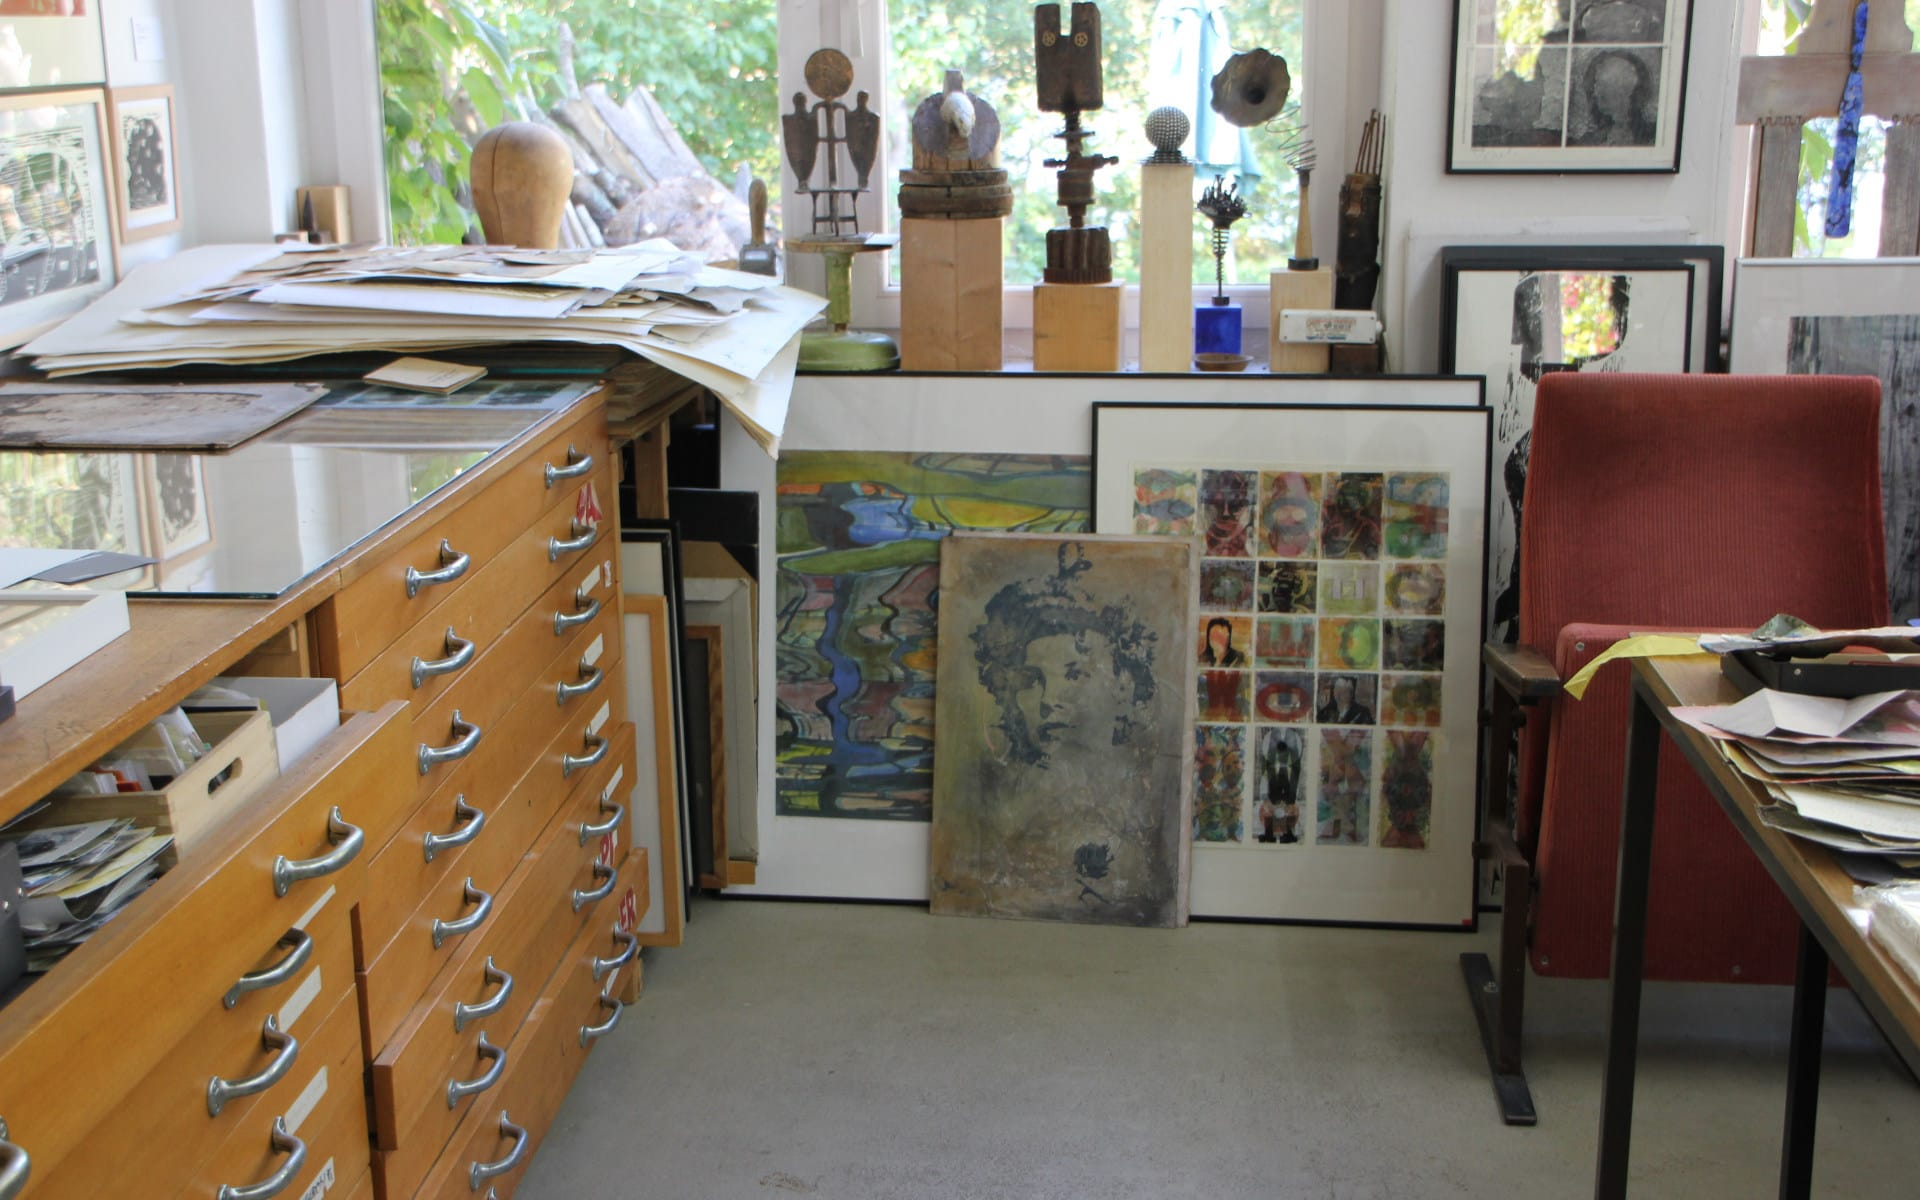 Kunsttour Stechlin - Das Atelier von Elli Graetz mit vielen Gemälden